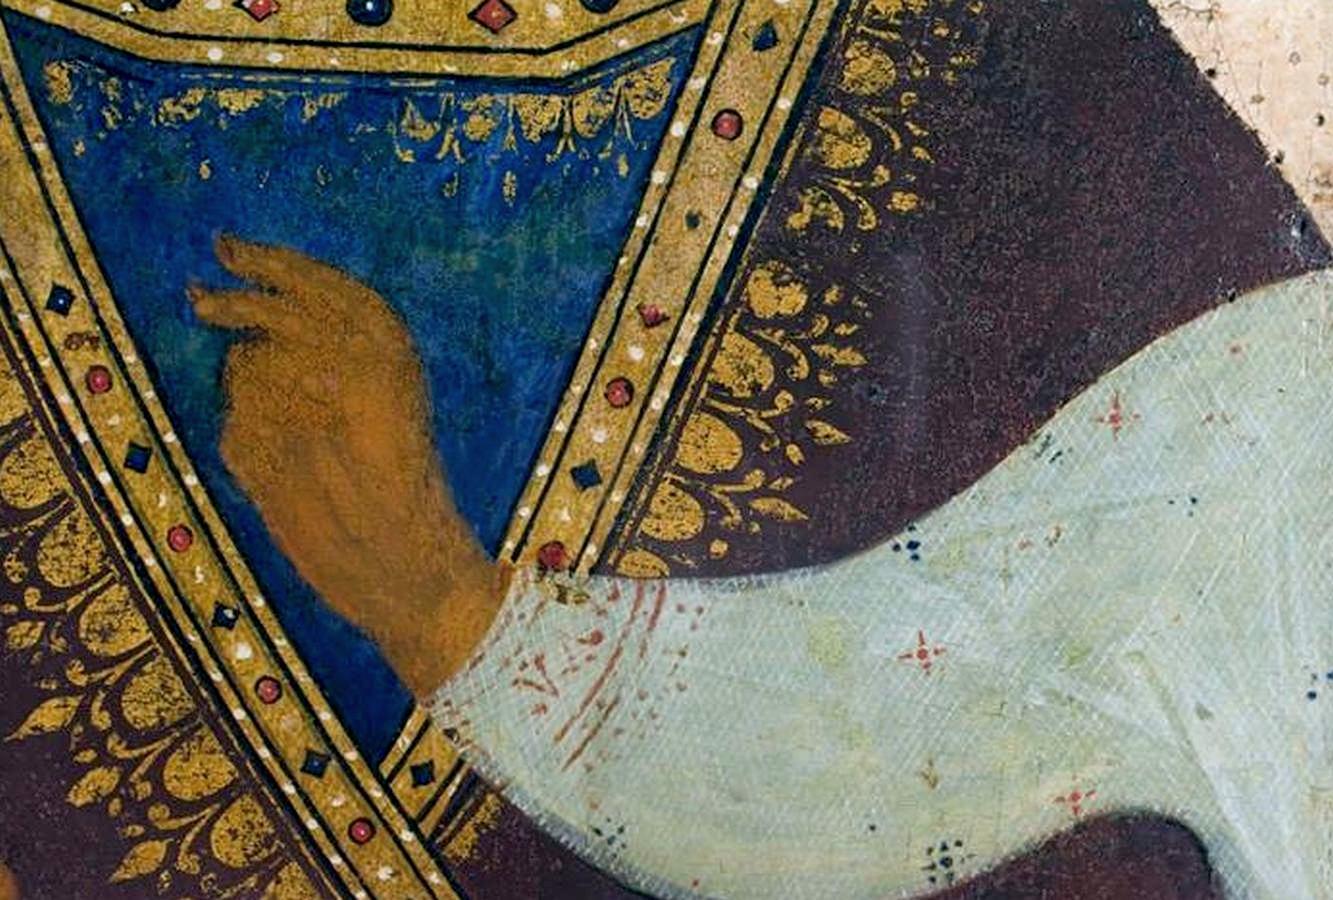 """Икона Божией Матери """"Одигитрия"""". 1502 год. Из Ферапонтова монастыря. Иконописец Дионисий и его мастерская. ГРМ.Фрагмент."""